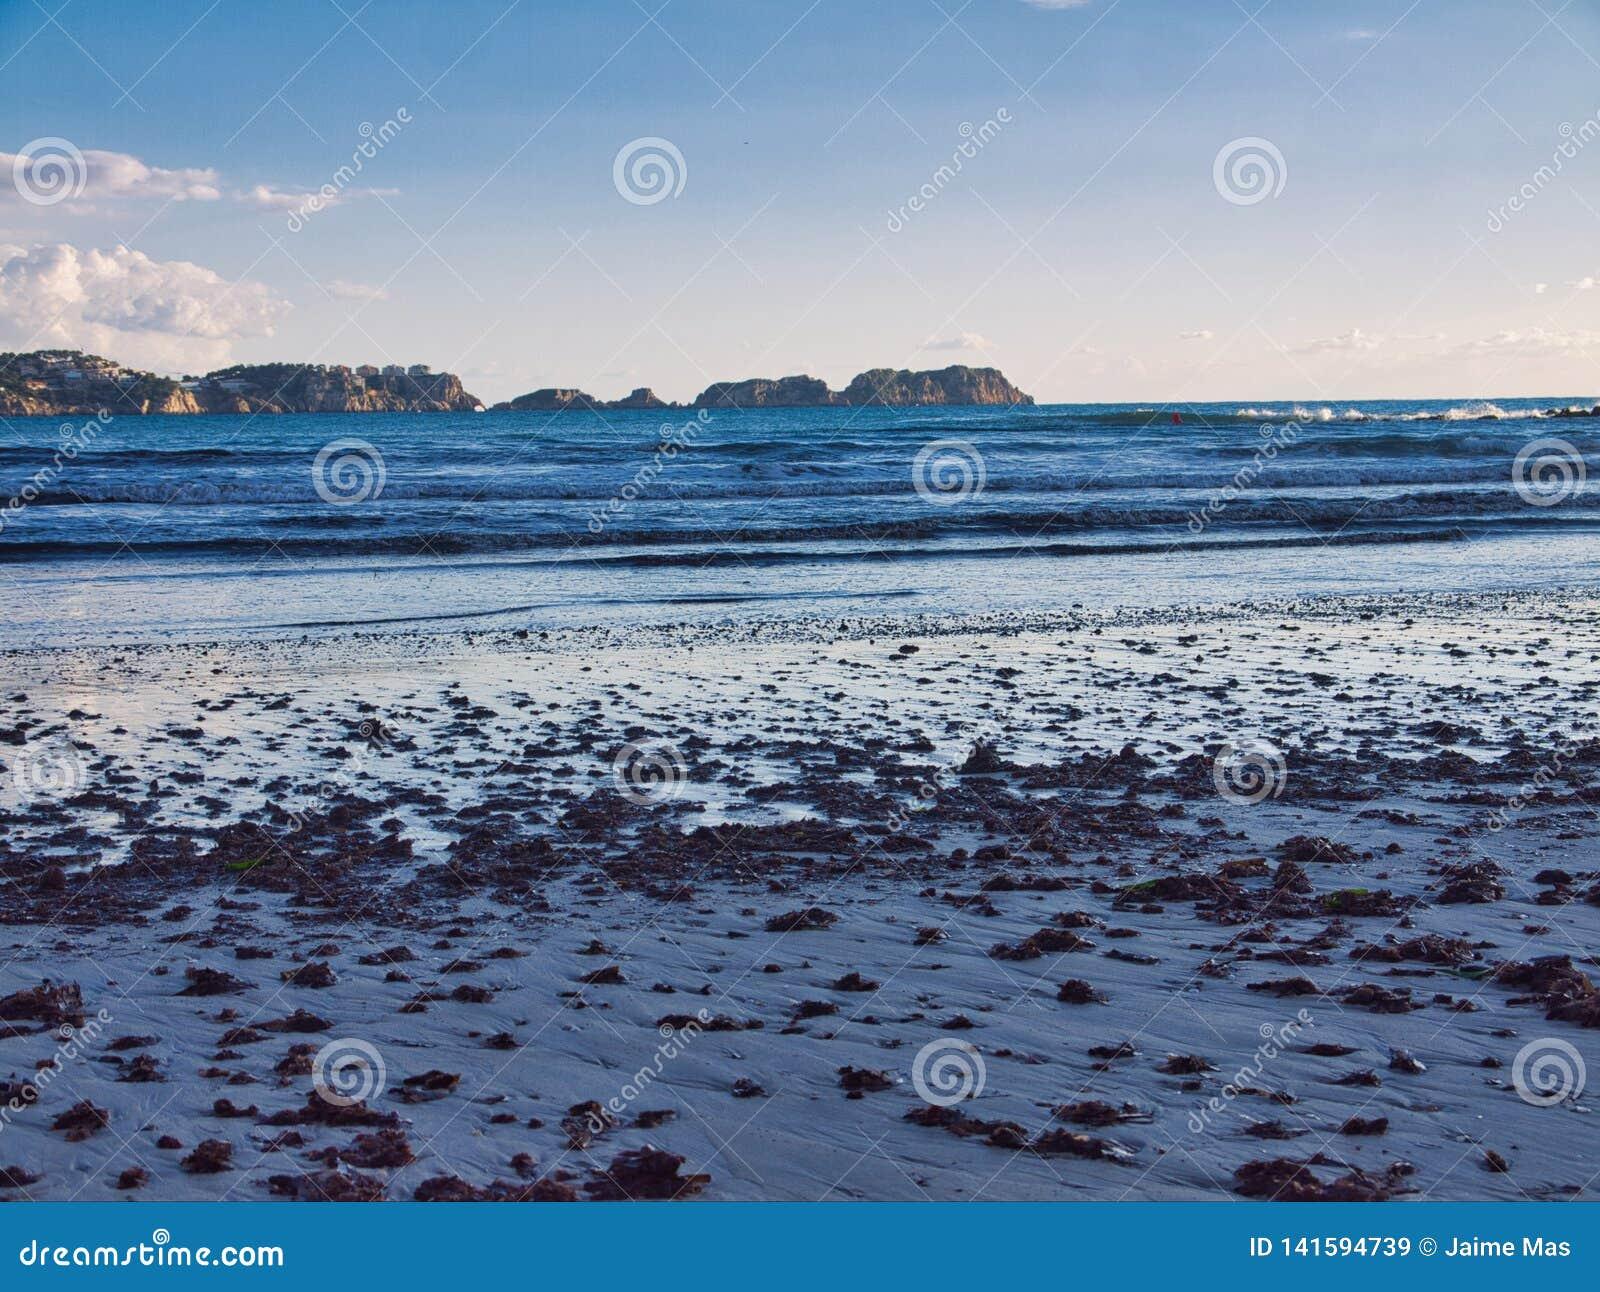 Sorveglianza delle isole dei malgrats con una certa alga sulla sabbia